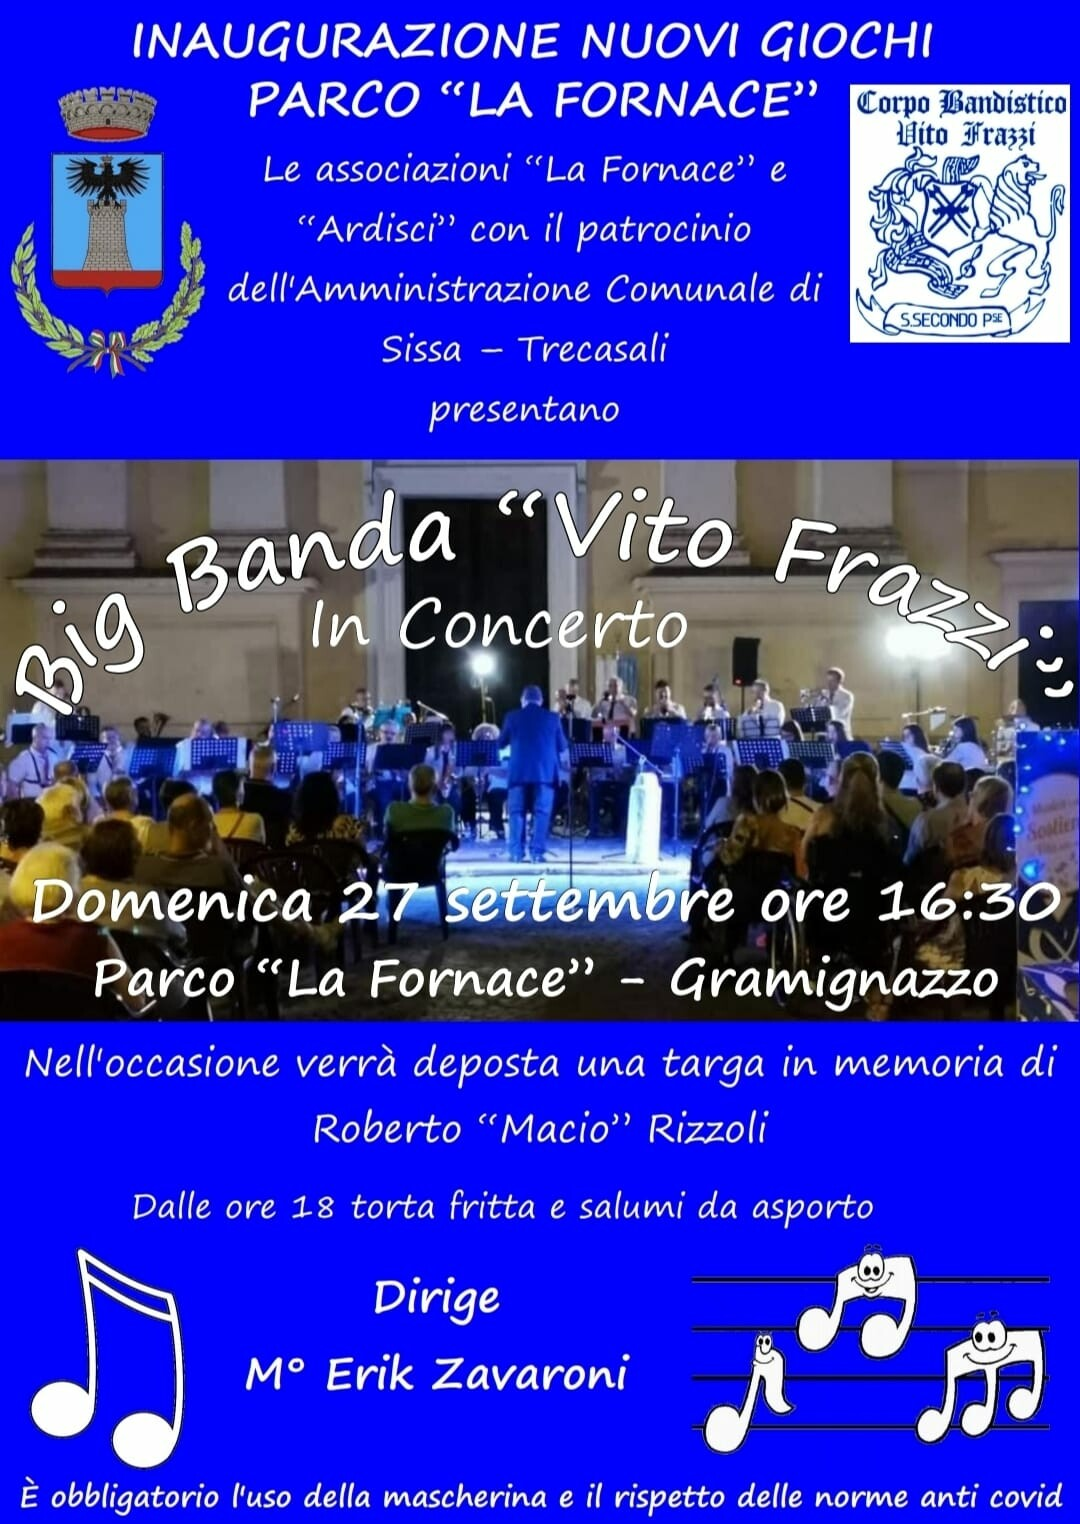 """Festa al al parco """"La Fornace"""" di Gramignazzo"""